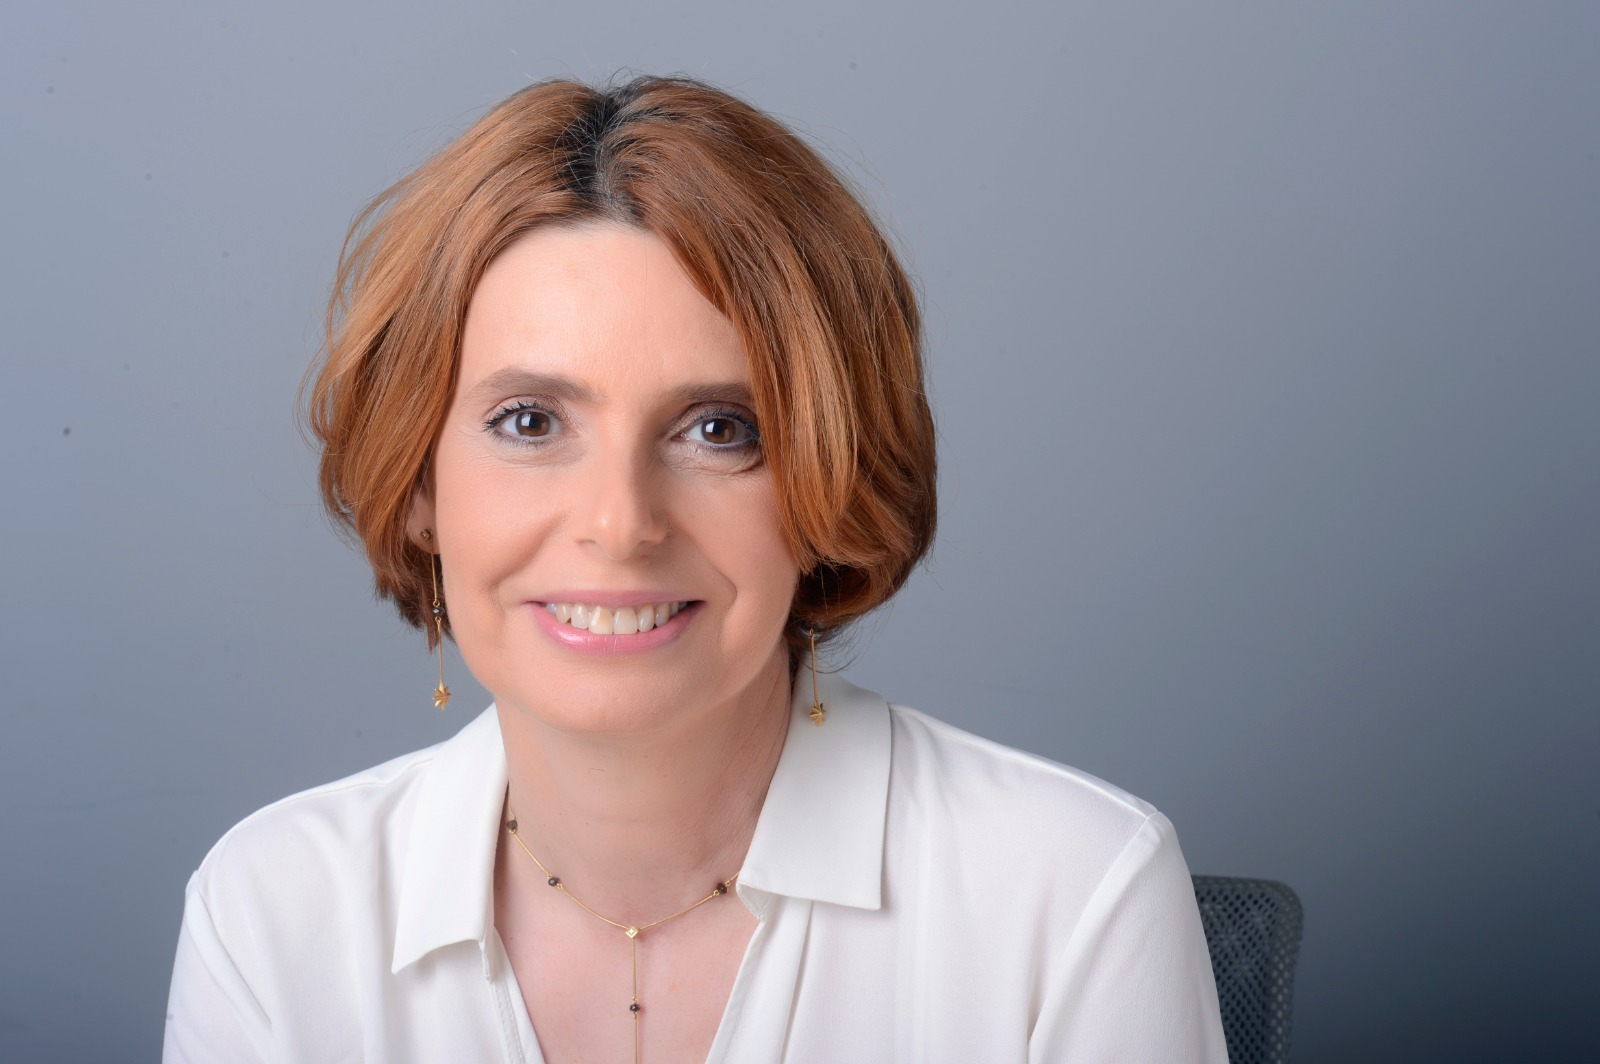 מרב בורנשטיין גבאי / צילום: מירי דיווידוביץ